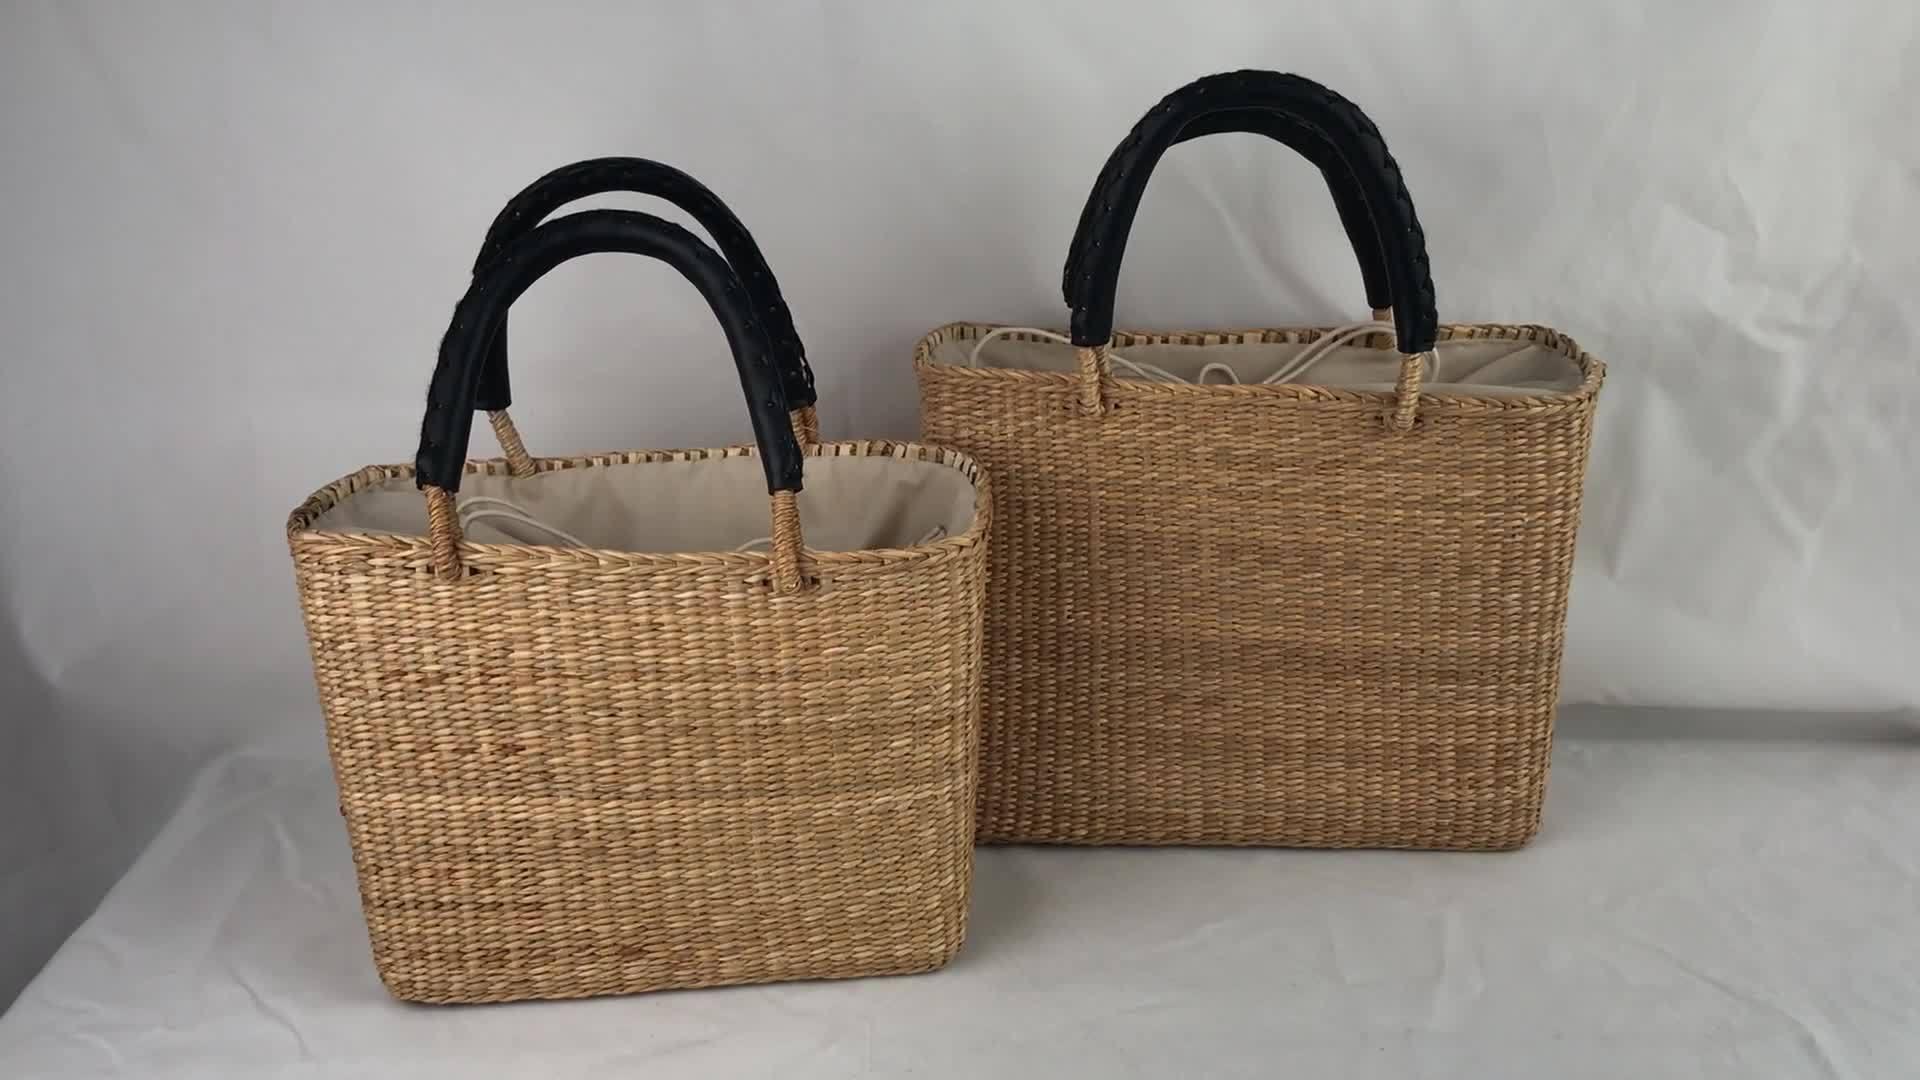 ストローバスケットレディースハンドバッグレディーストートバッグファッションイエローストロー バッグショッピングバッグ